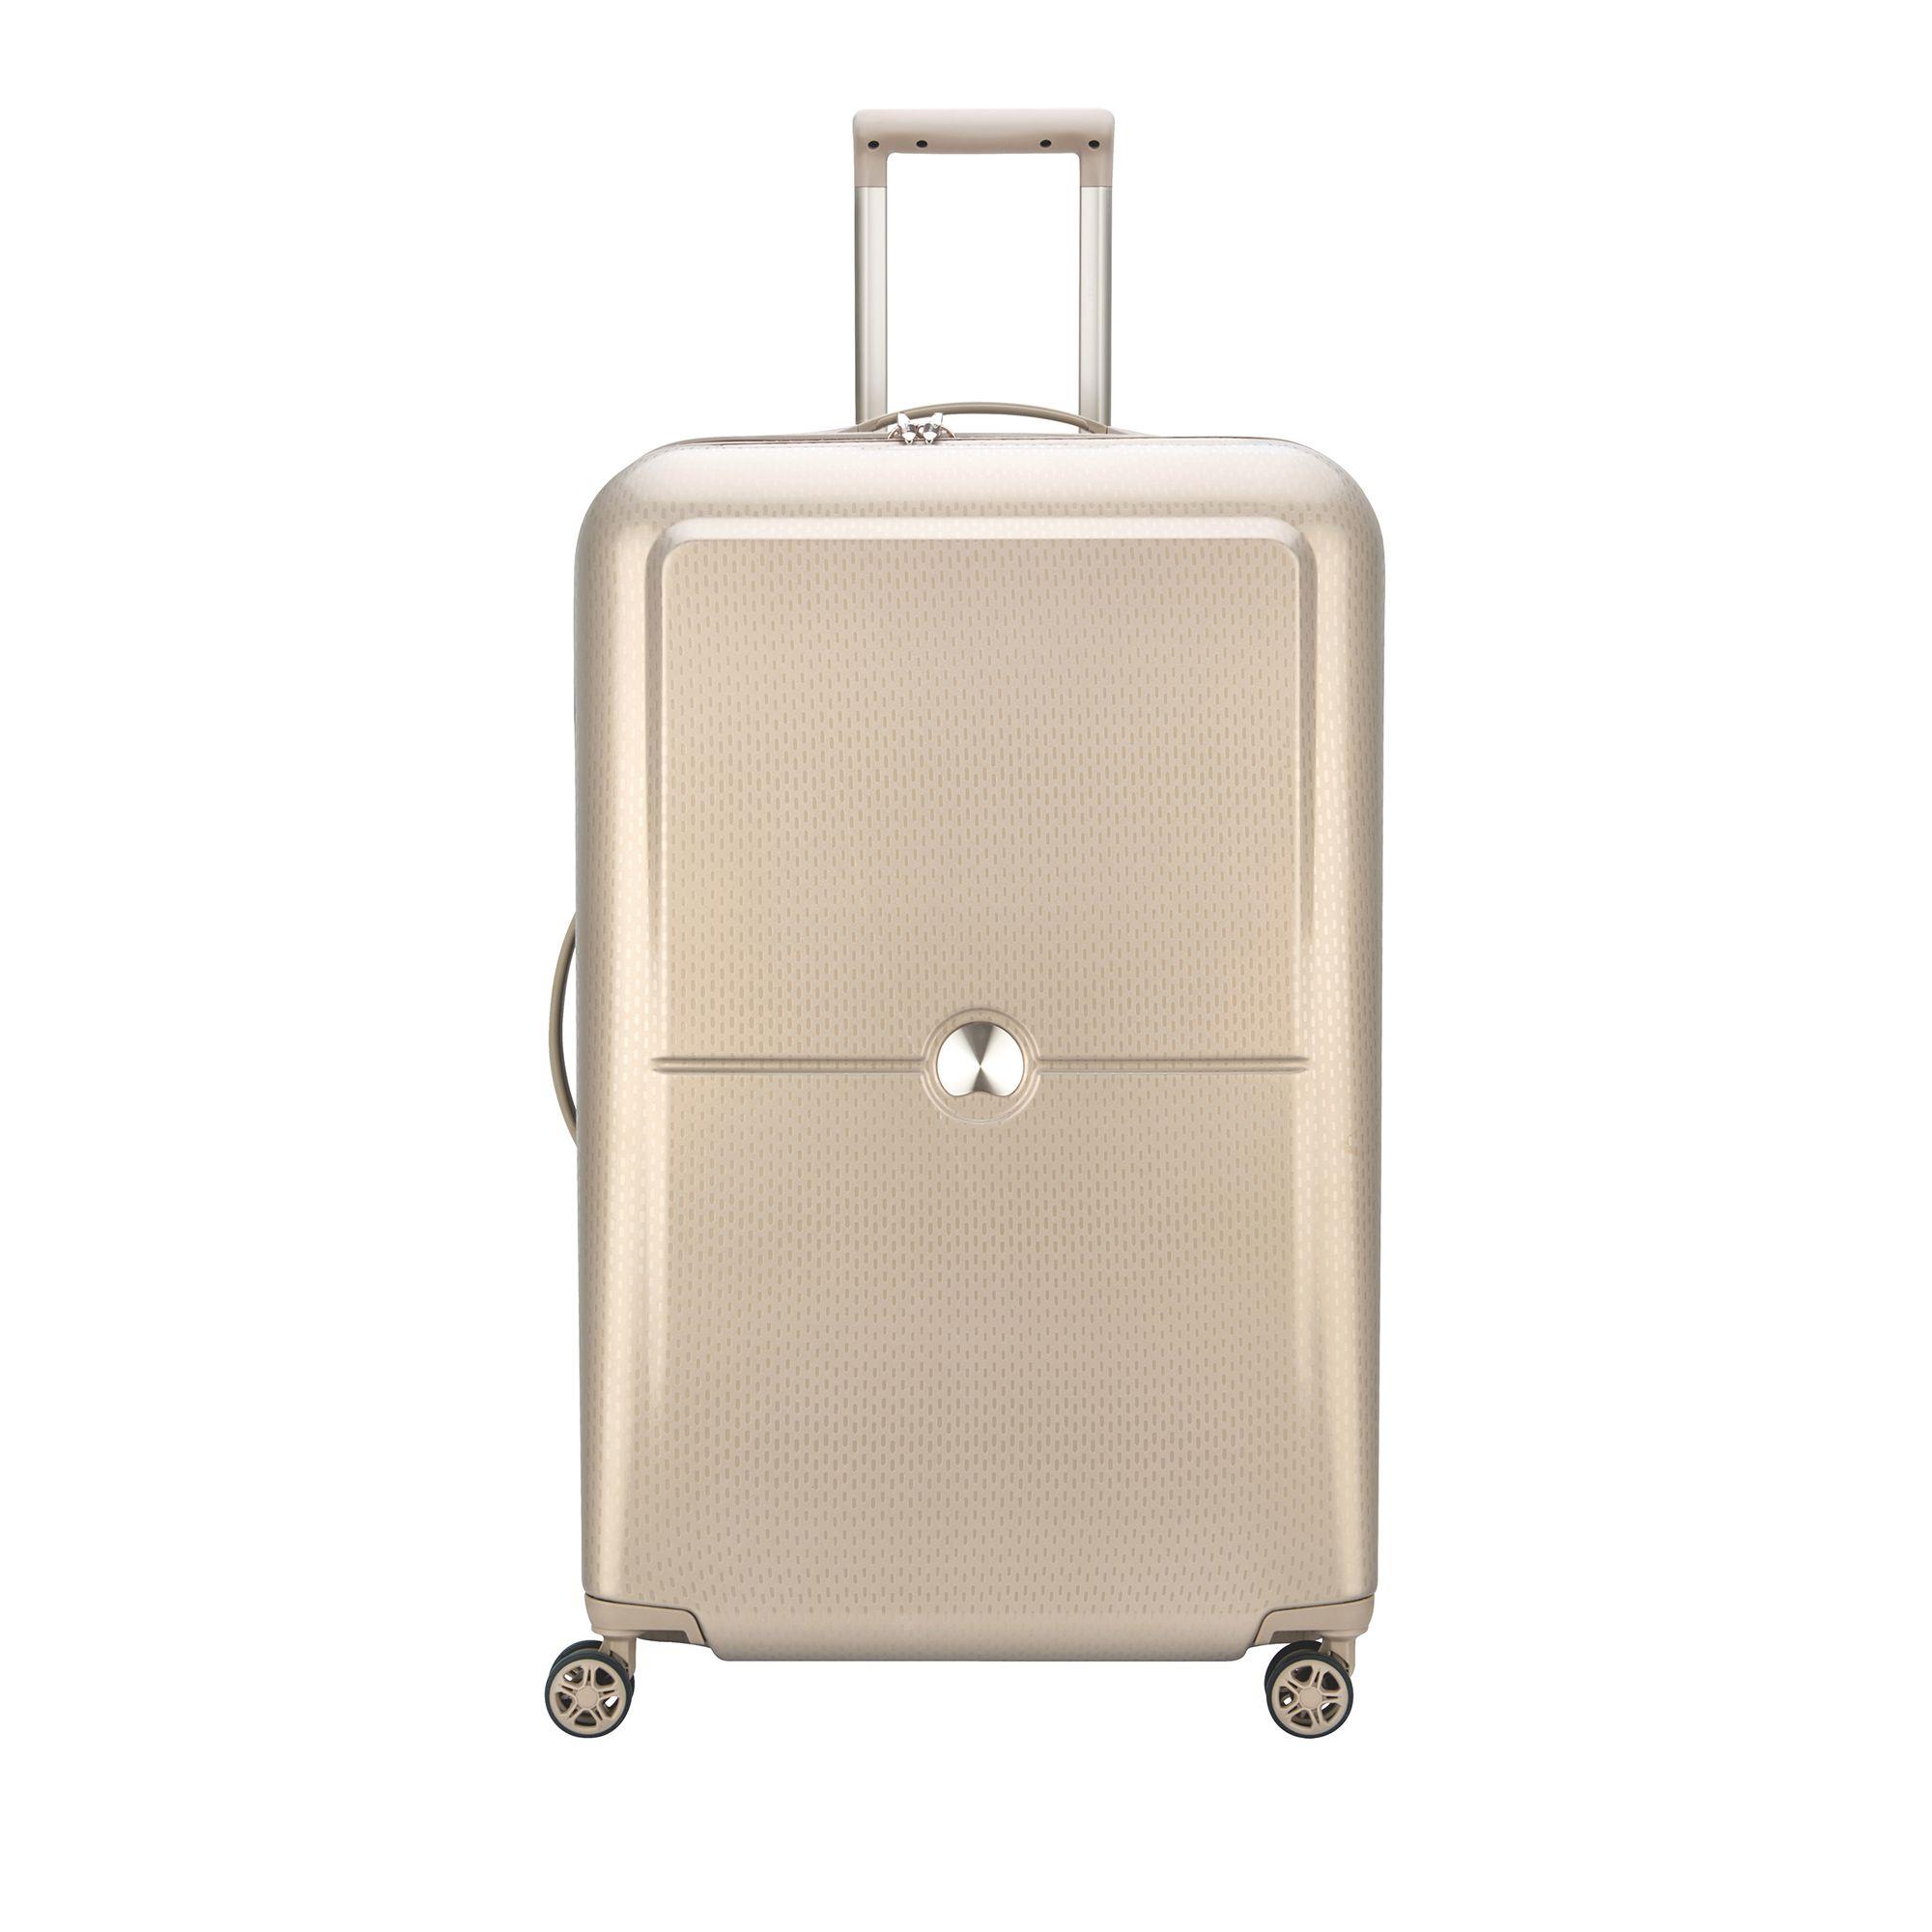 Delsey Turenne hård resväska, 4 hjul, 75 cm, Guld